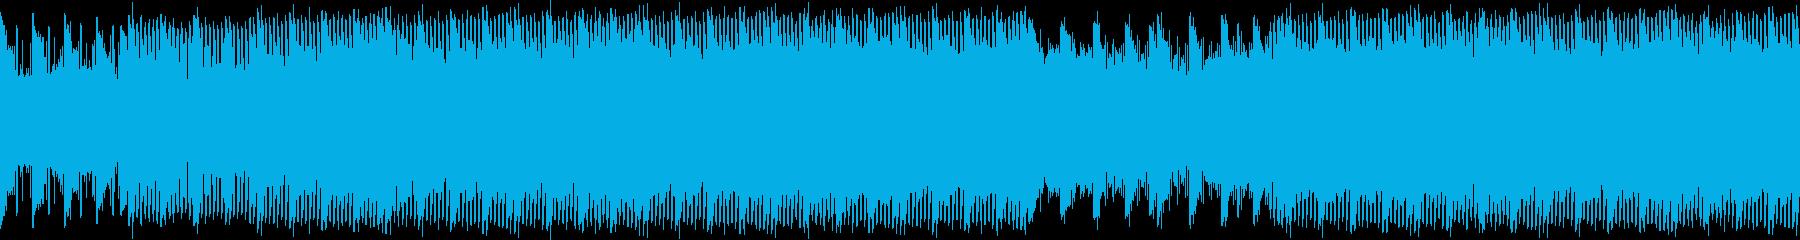 アルペジオが印象的なインストの再生済みの波形